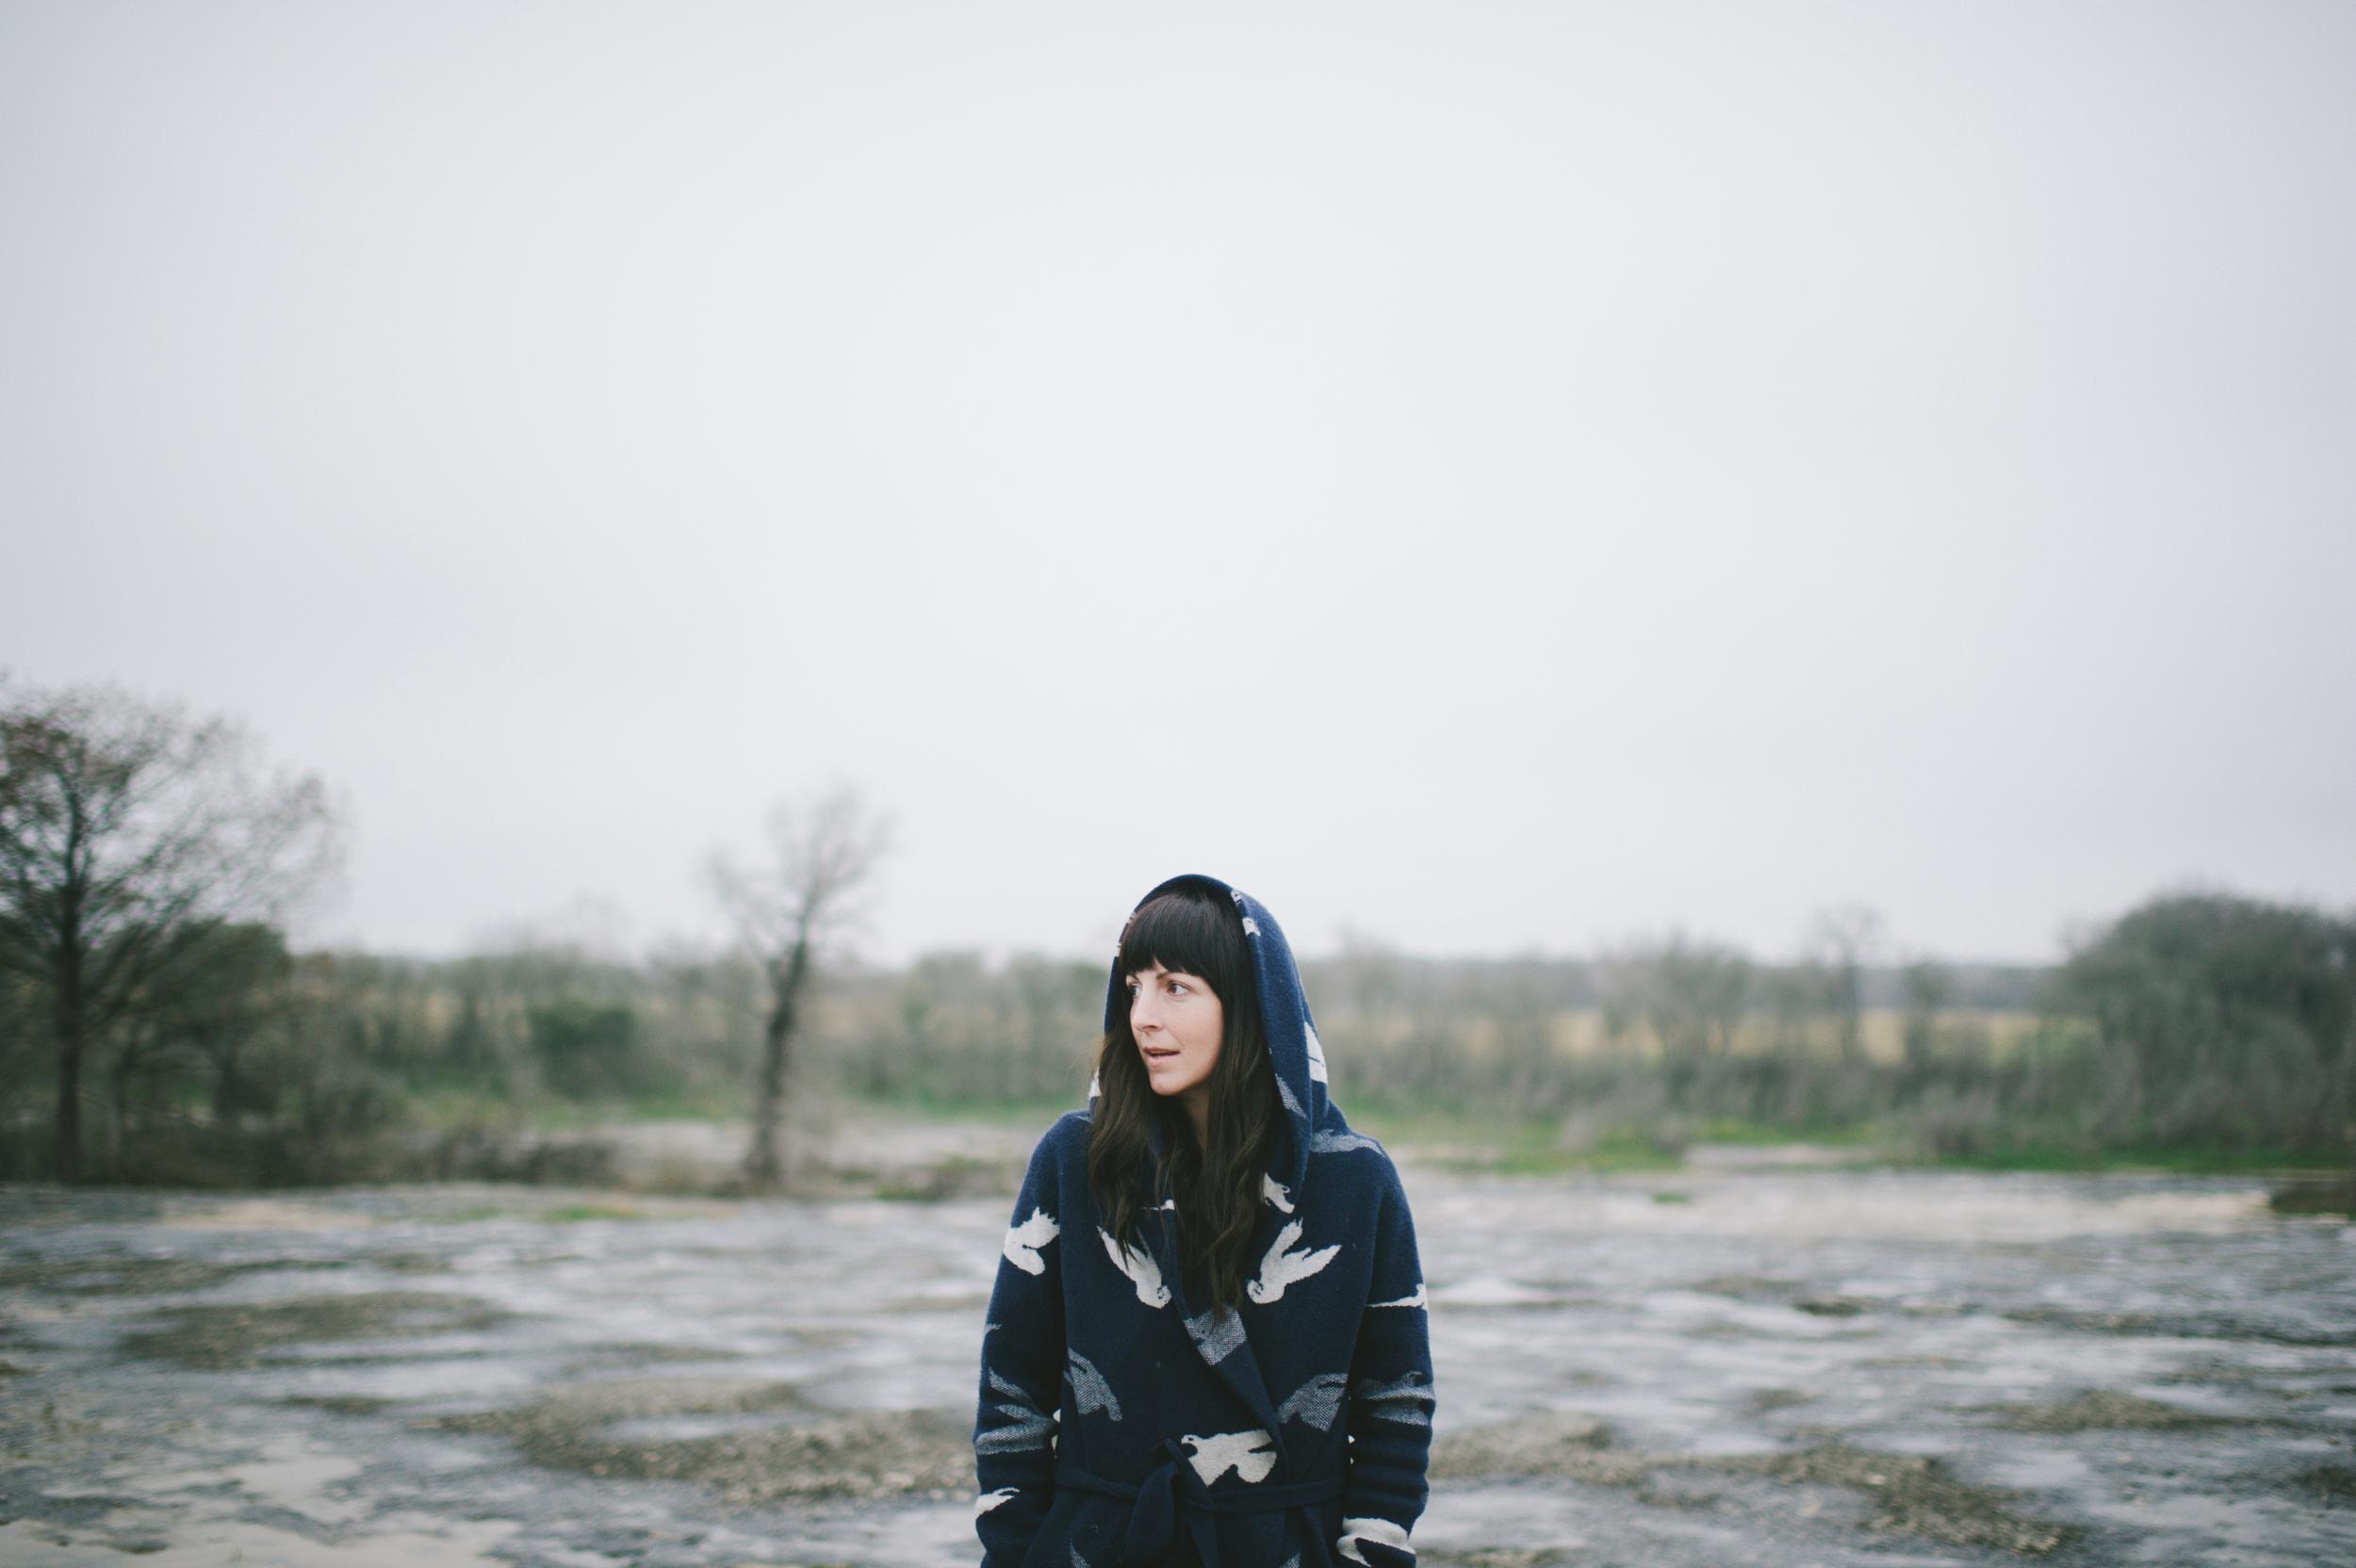 river-story-joy-gardella104.JPG